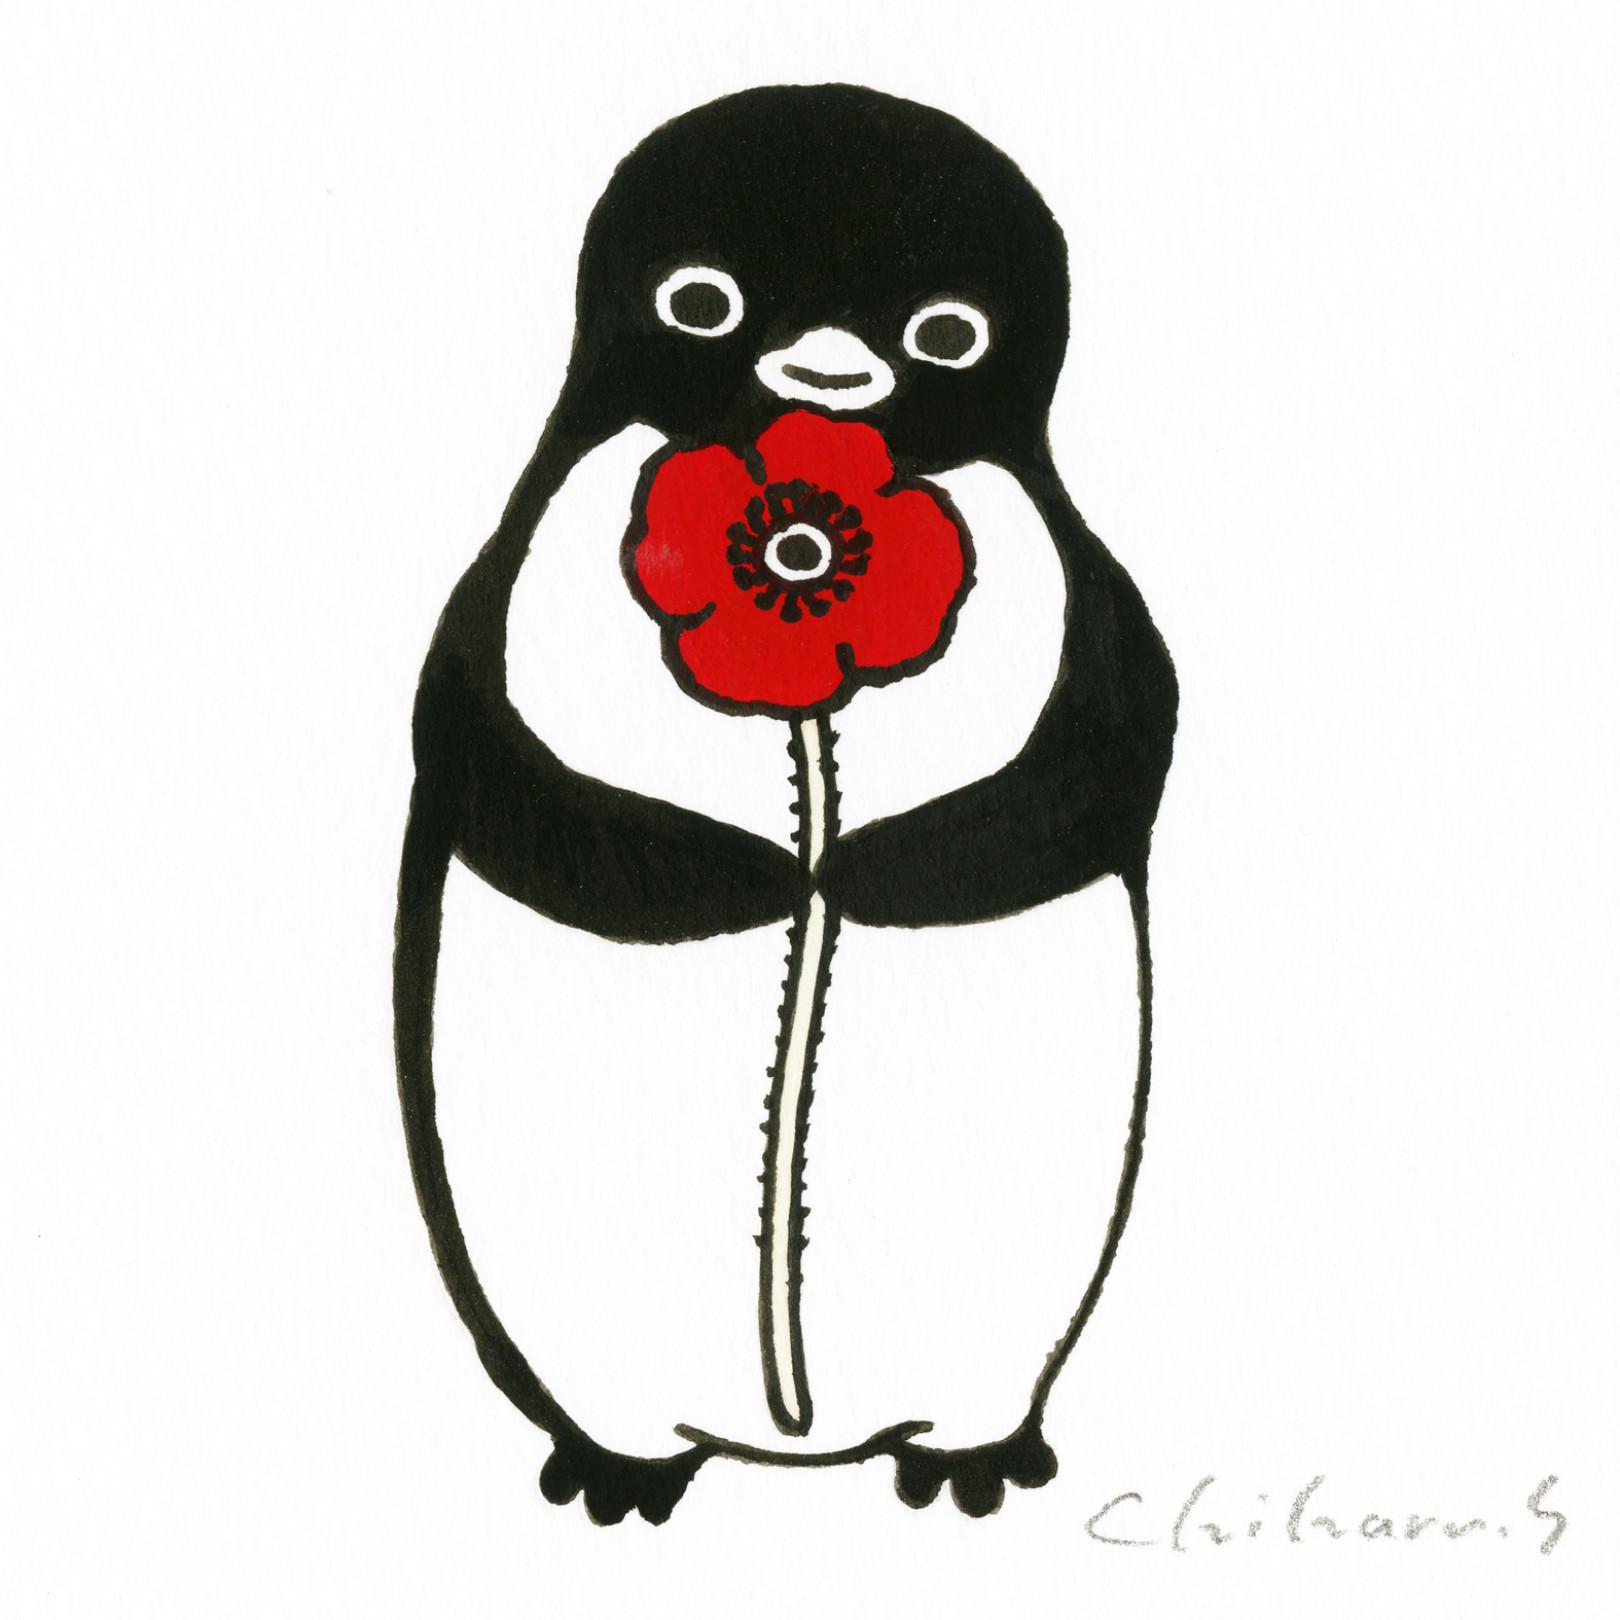 坂崎千春 展 ペンギン百態Ⅲ 色とりどり